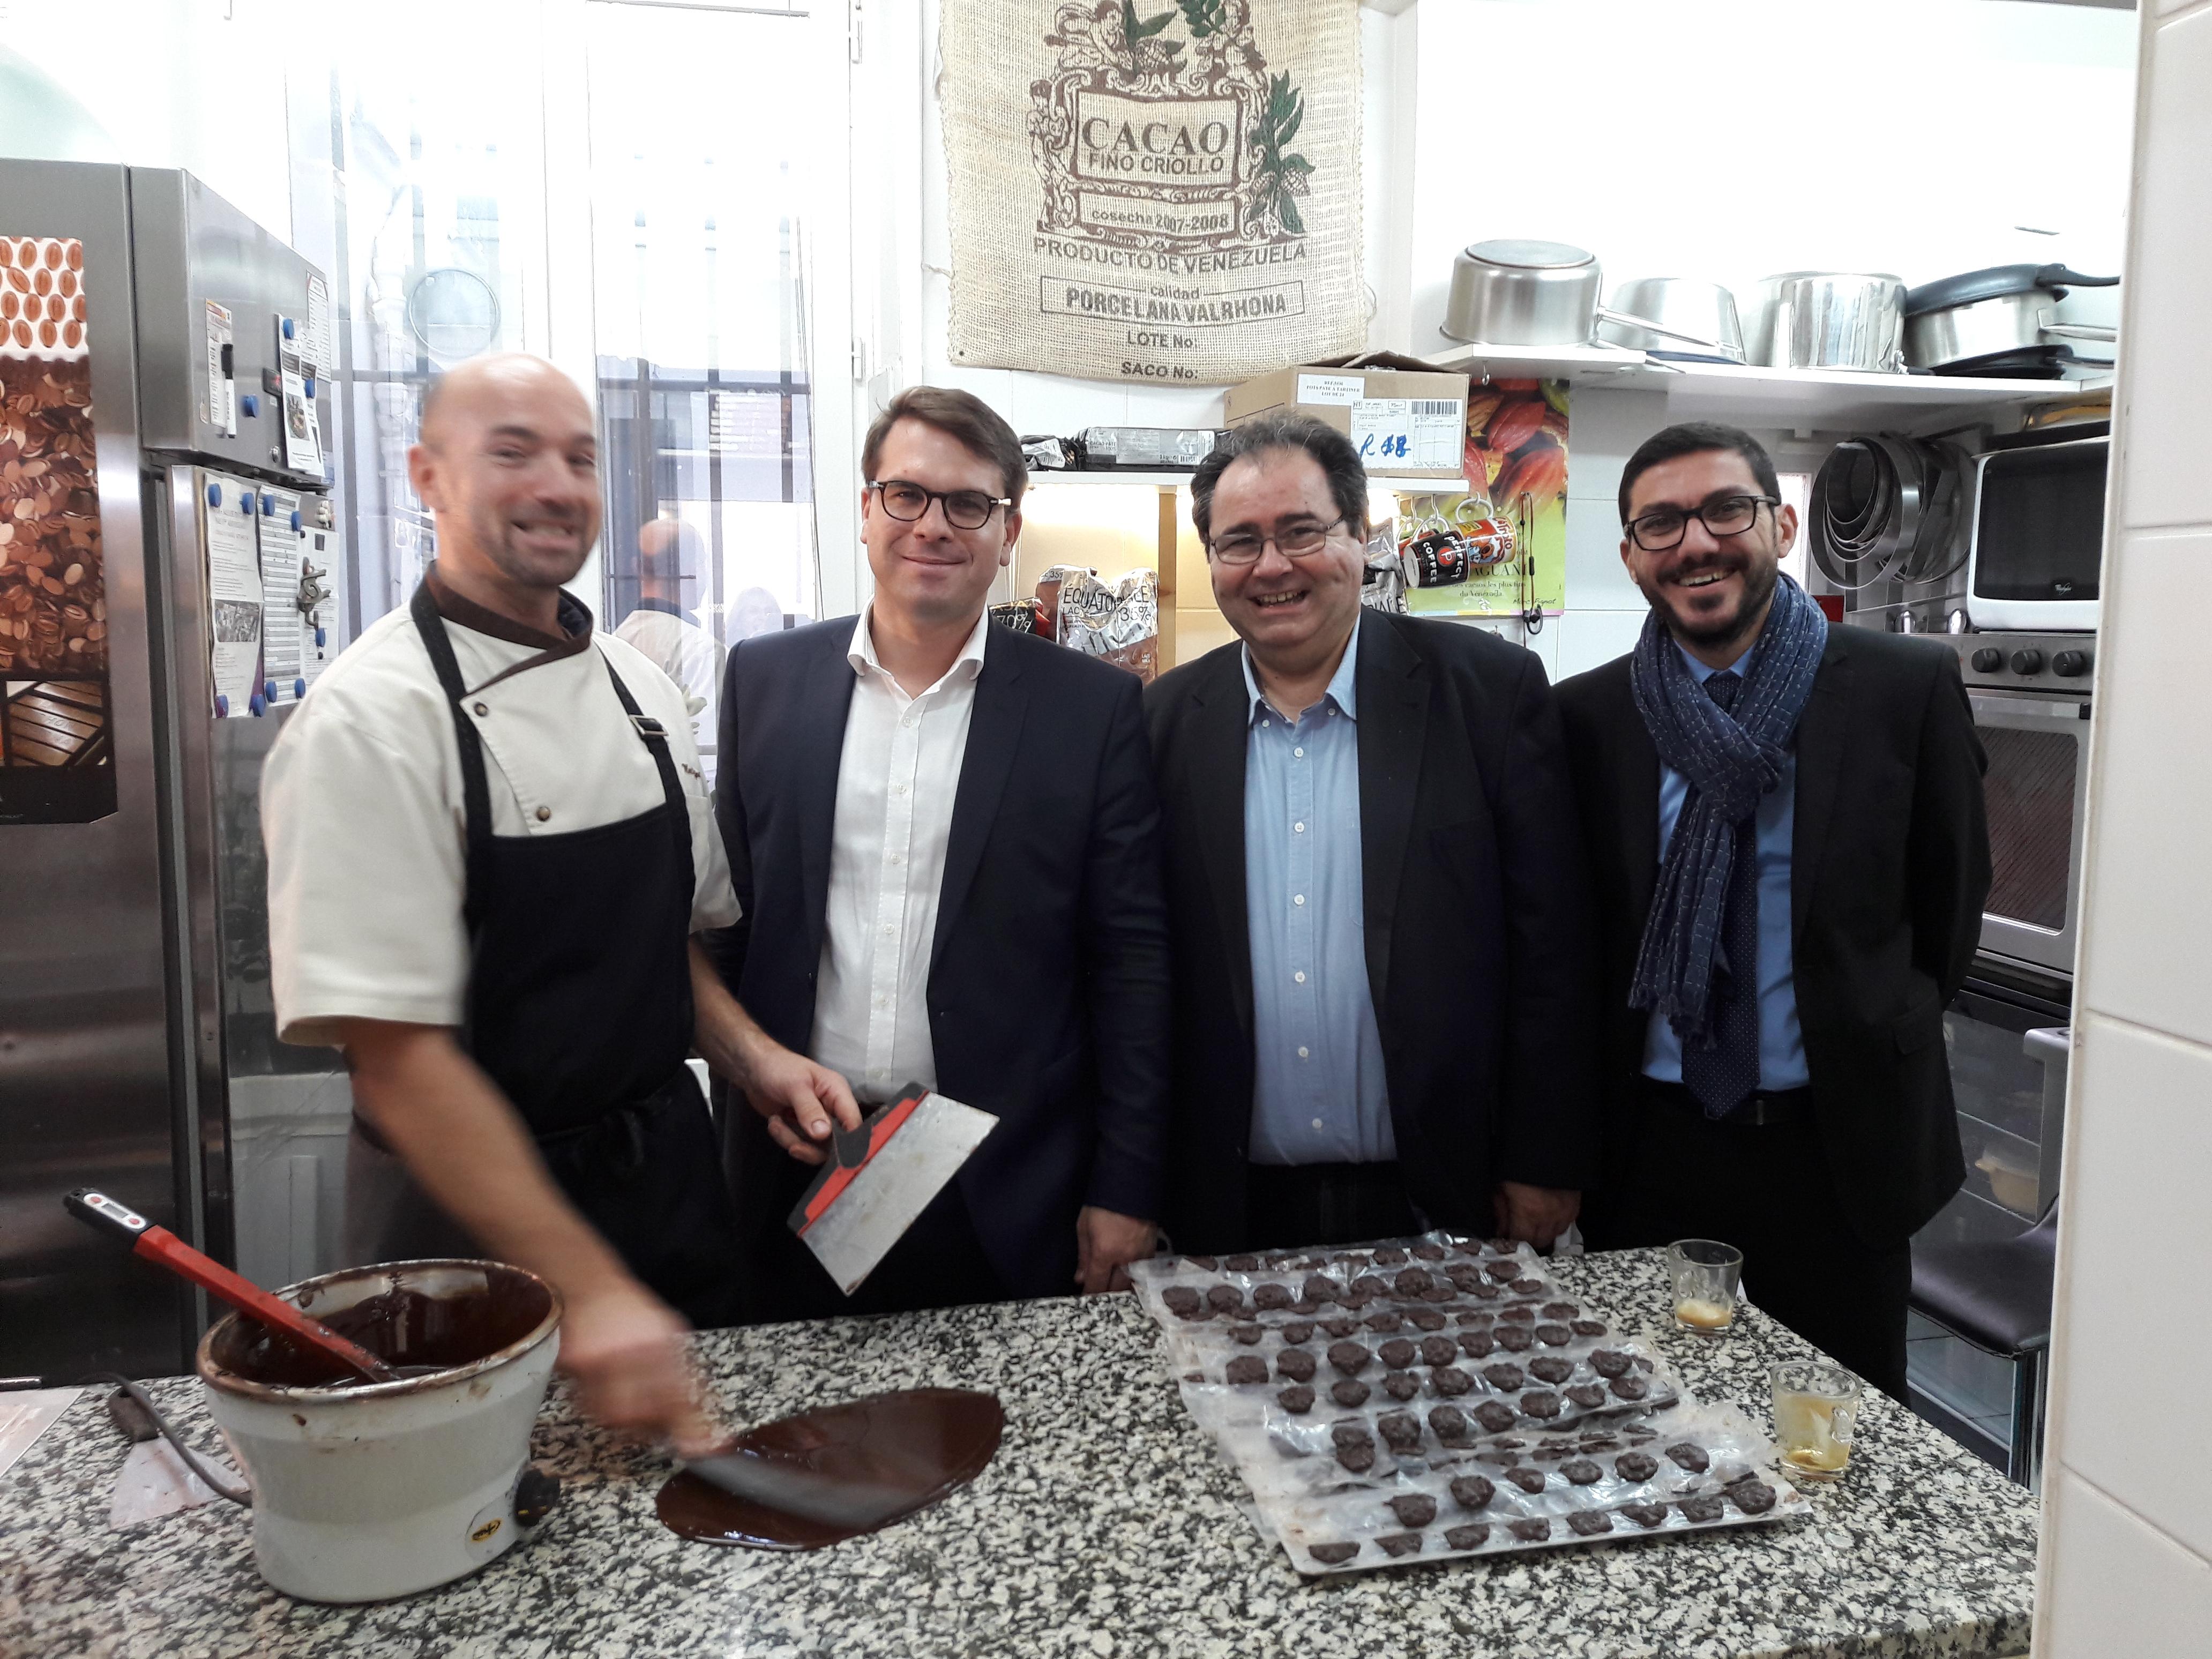 Semaine de la Gastronomie 2017